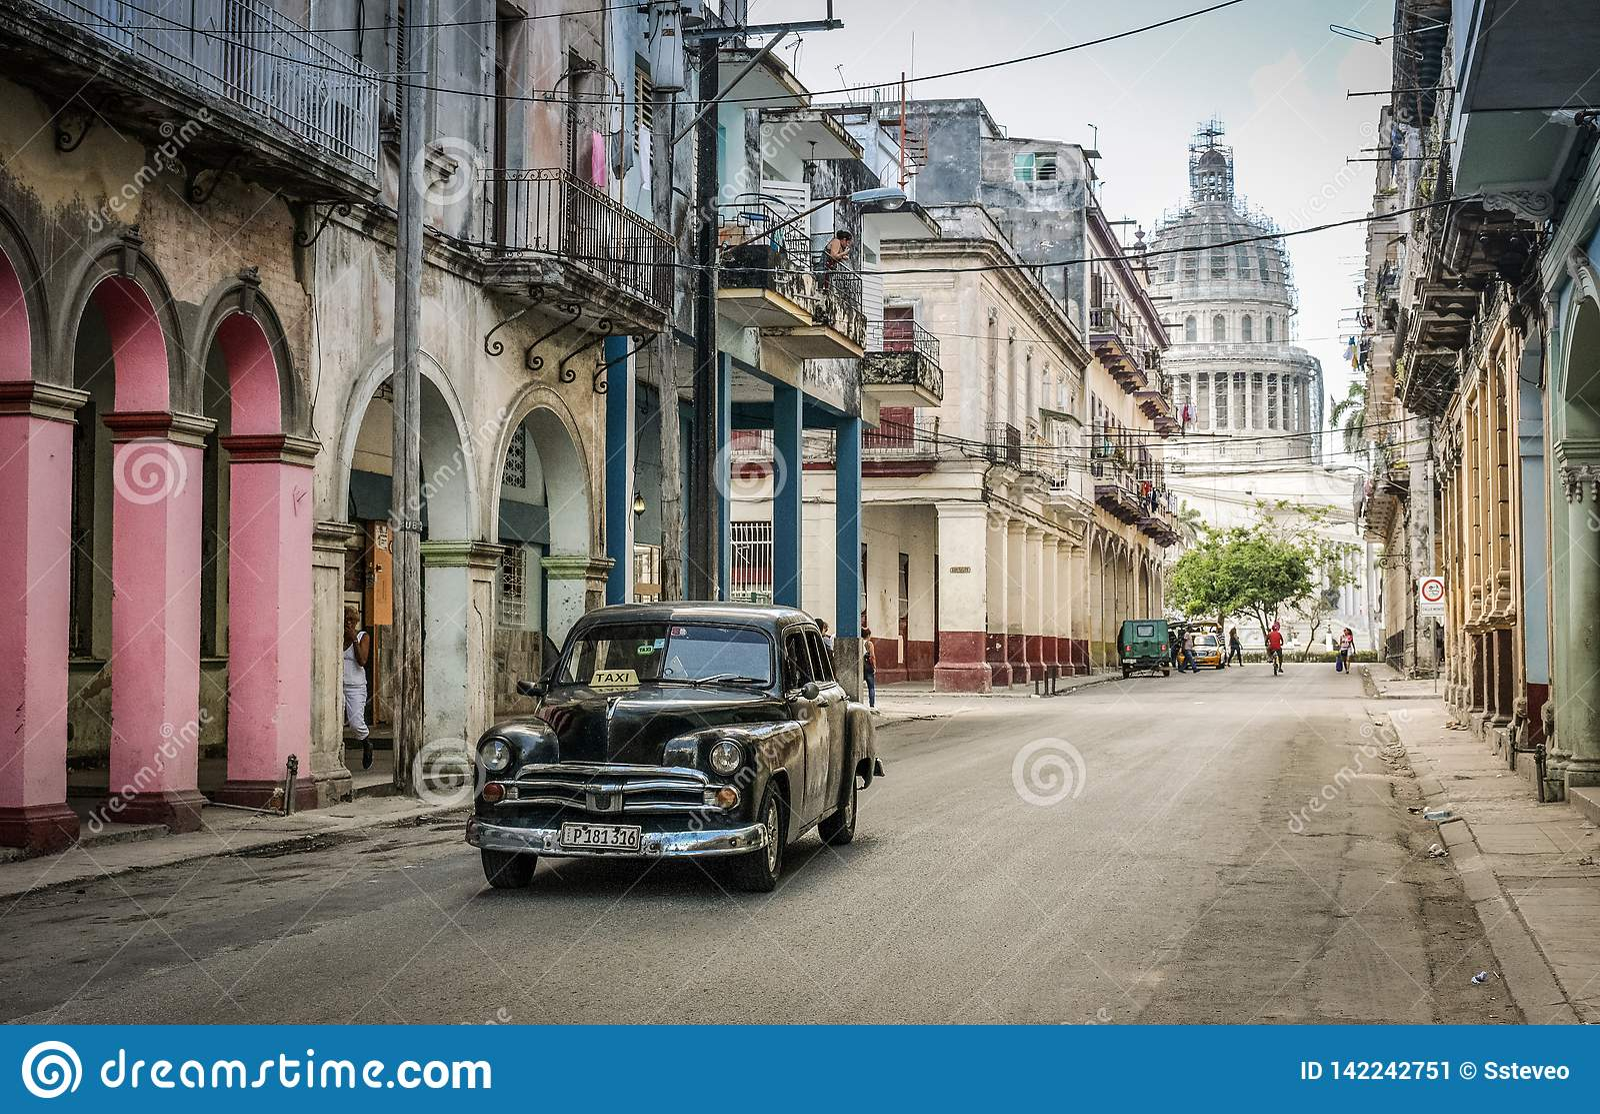 国会大厦,一条街道在哈瓦那中部